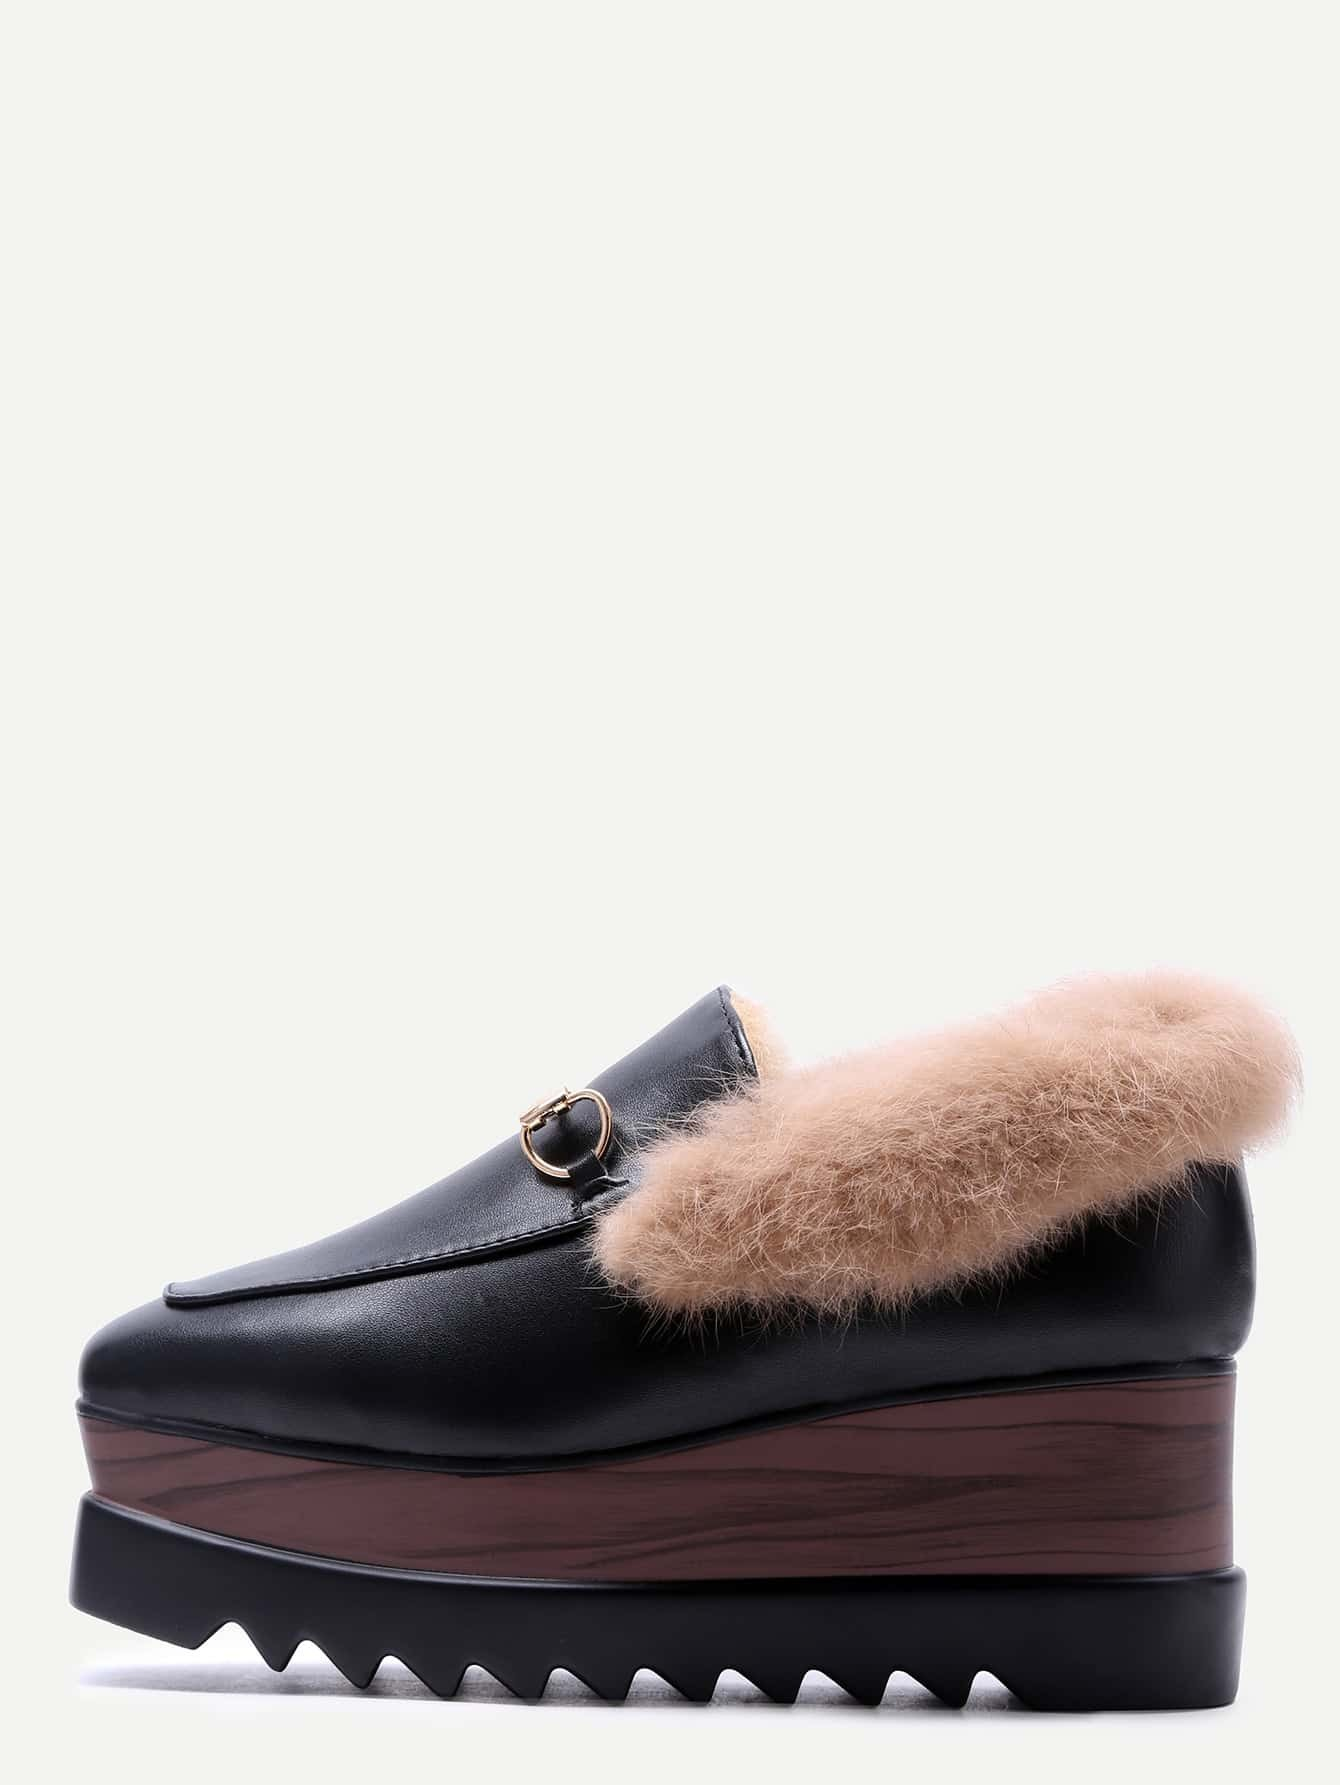 shoes161205803_2